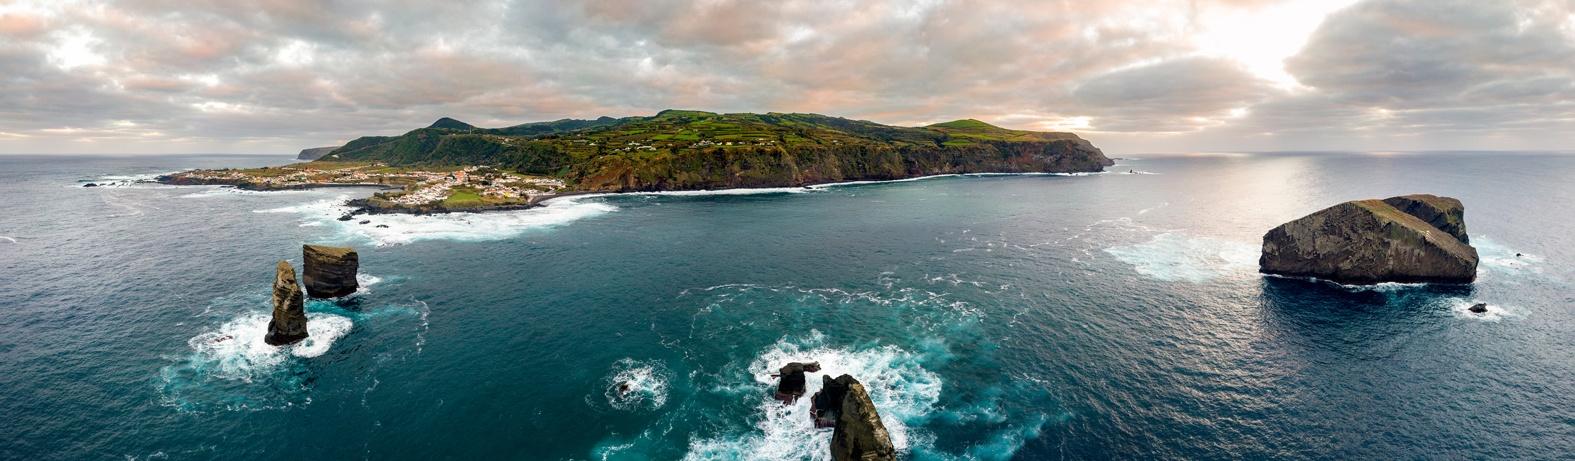 zeilvakantie-Azoren